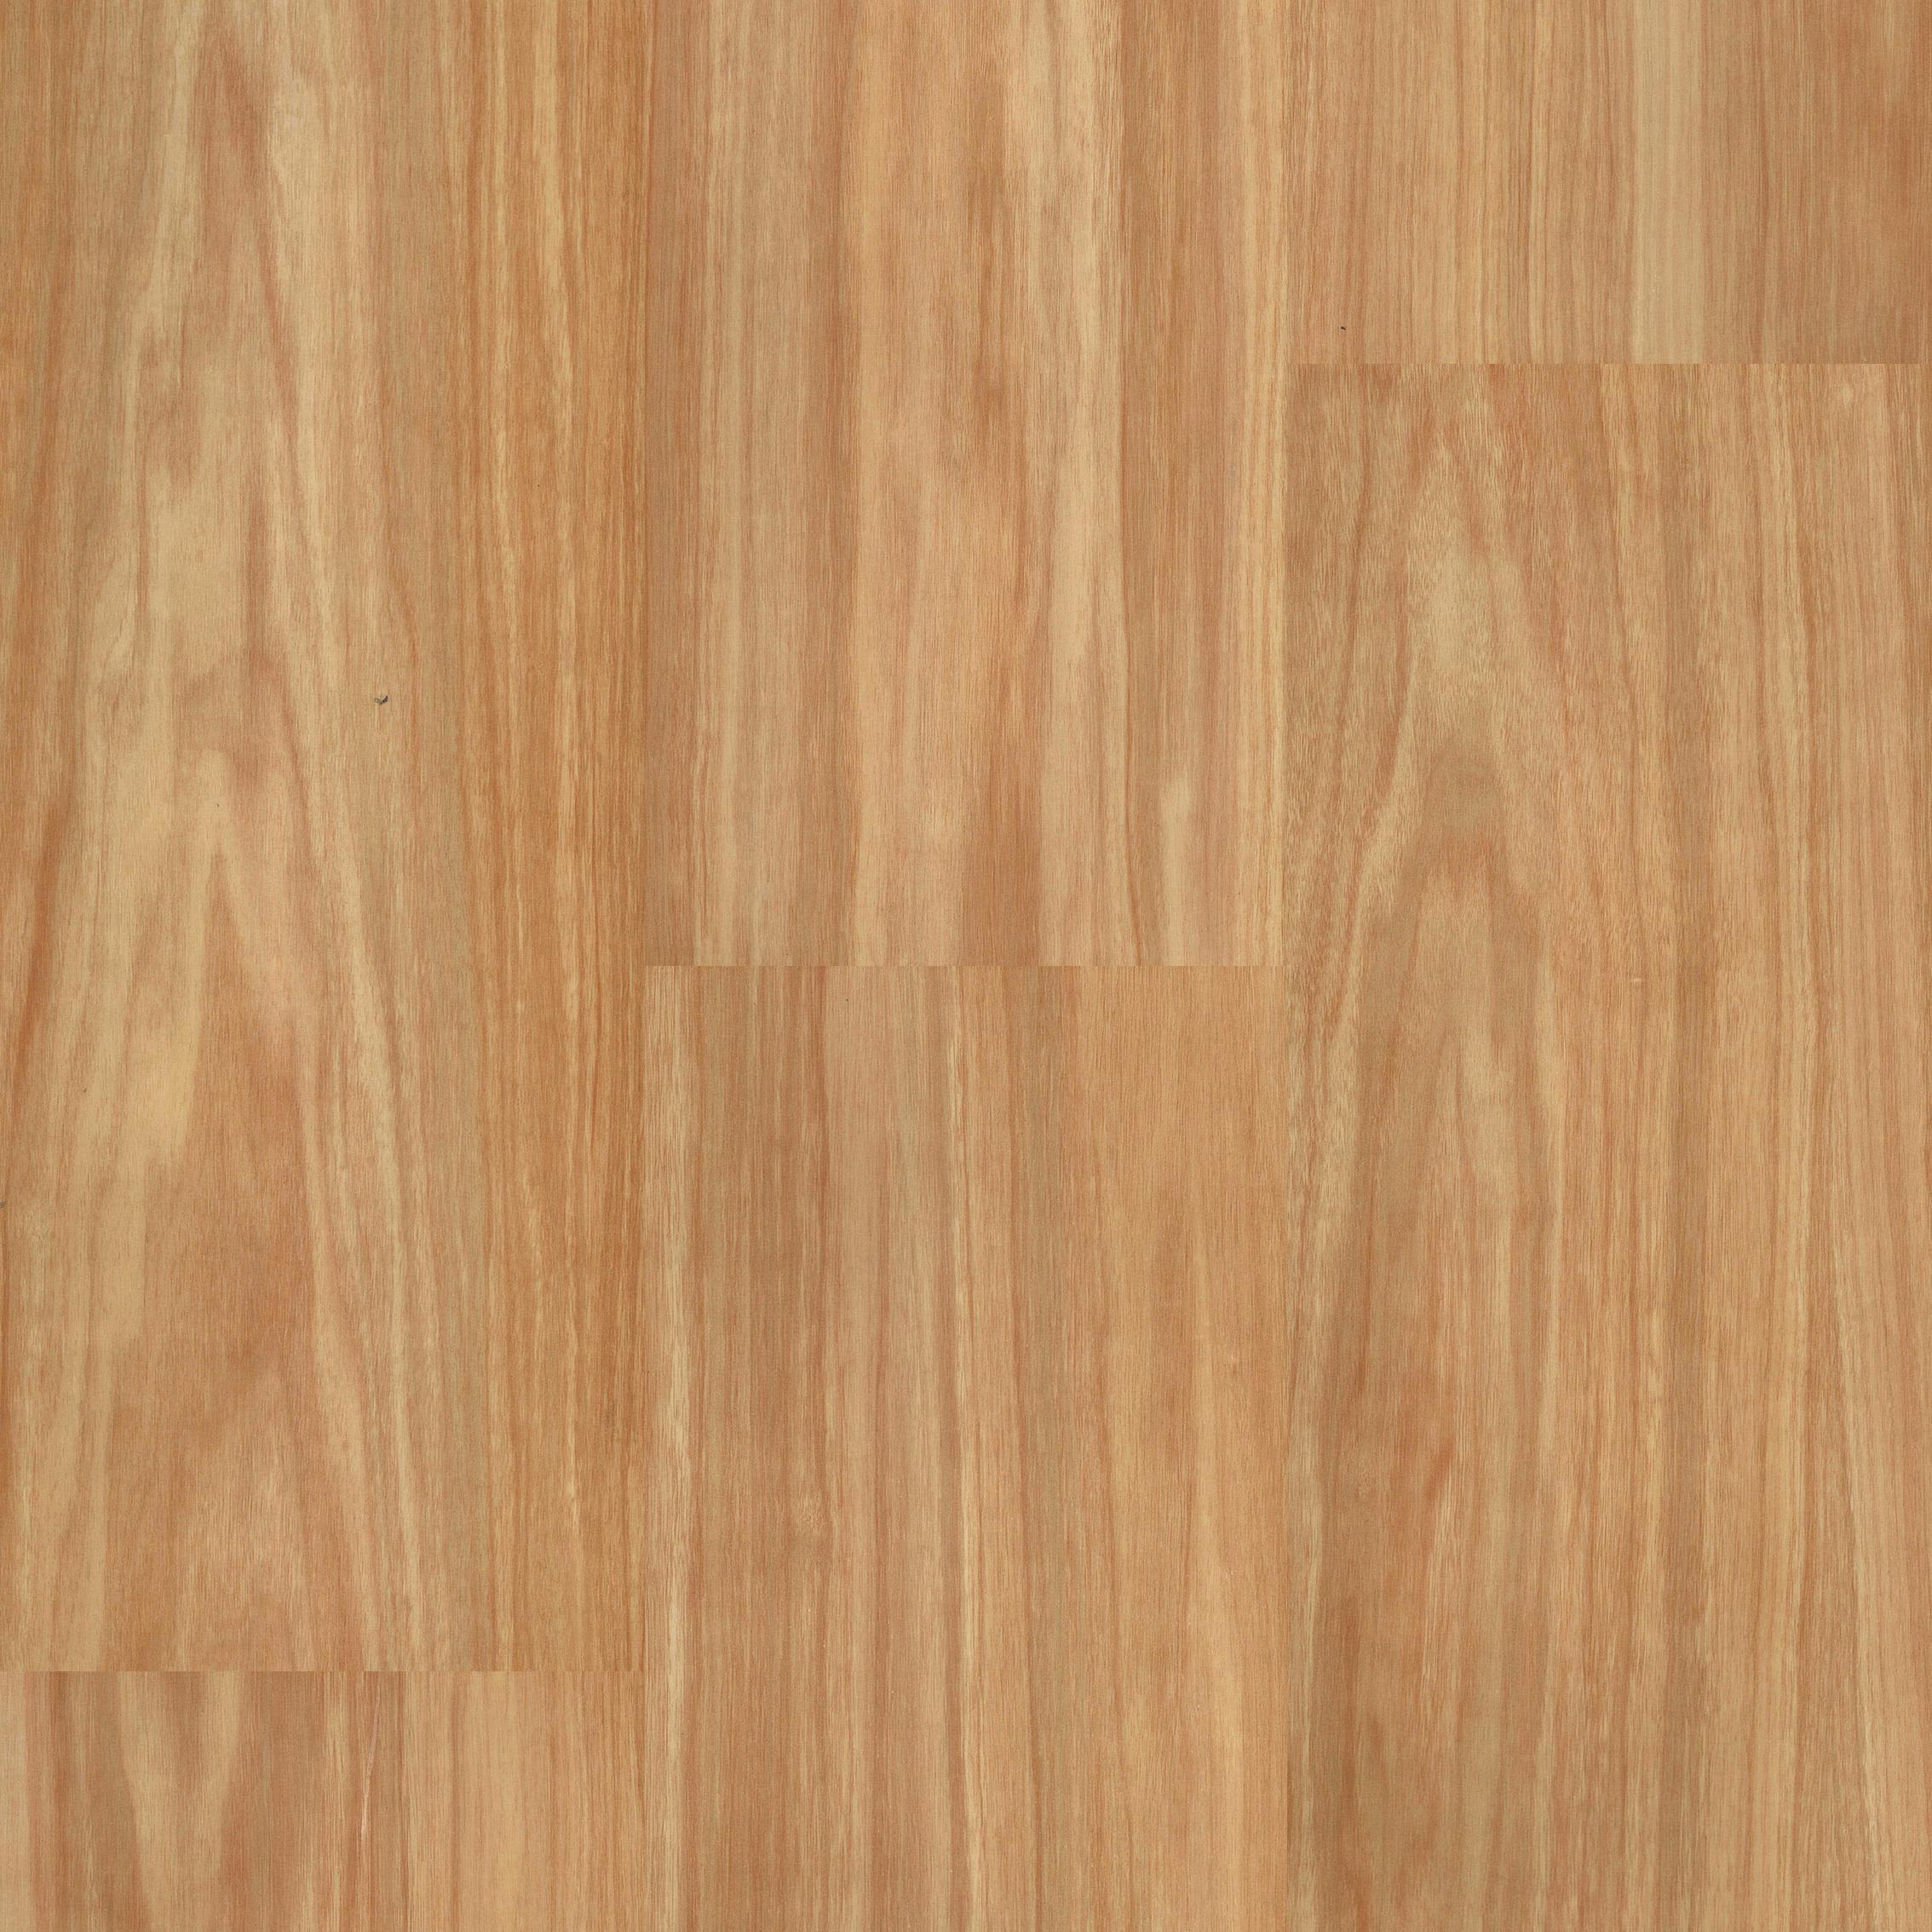 is hardwood flooring waterproof of ivc spring mountain oak vinyl intended for ivc spring mountain oak 7 56 waterproof luxury vinyl plank flooring